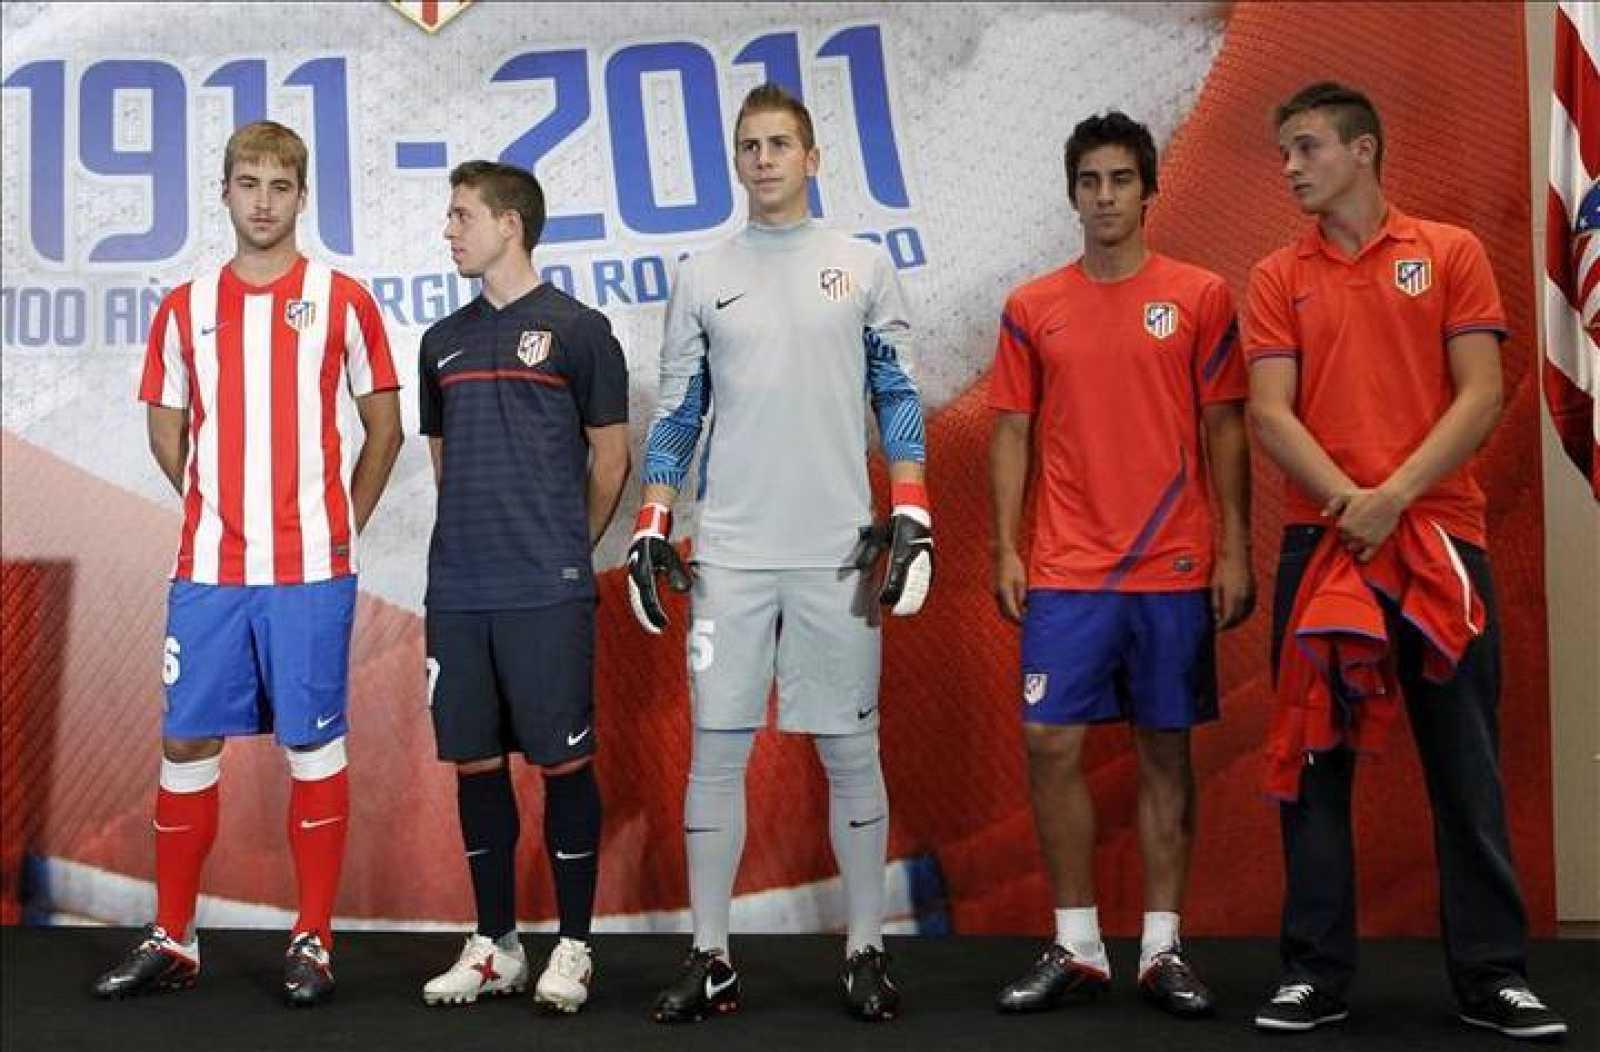 Equipos de la zona alta como el Atlético de Madrid, el Sevilla, Villarreal o Valencia, aún no han encontrado un patrocinador